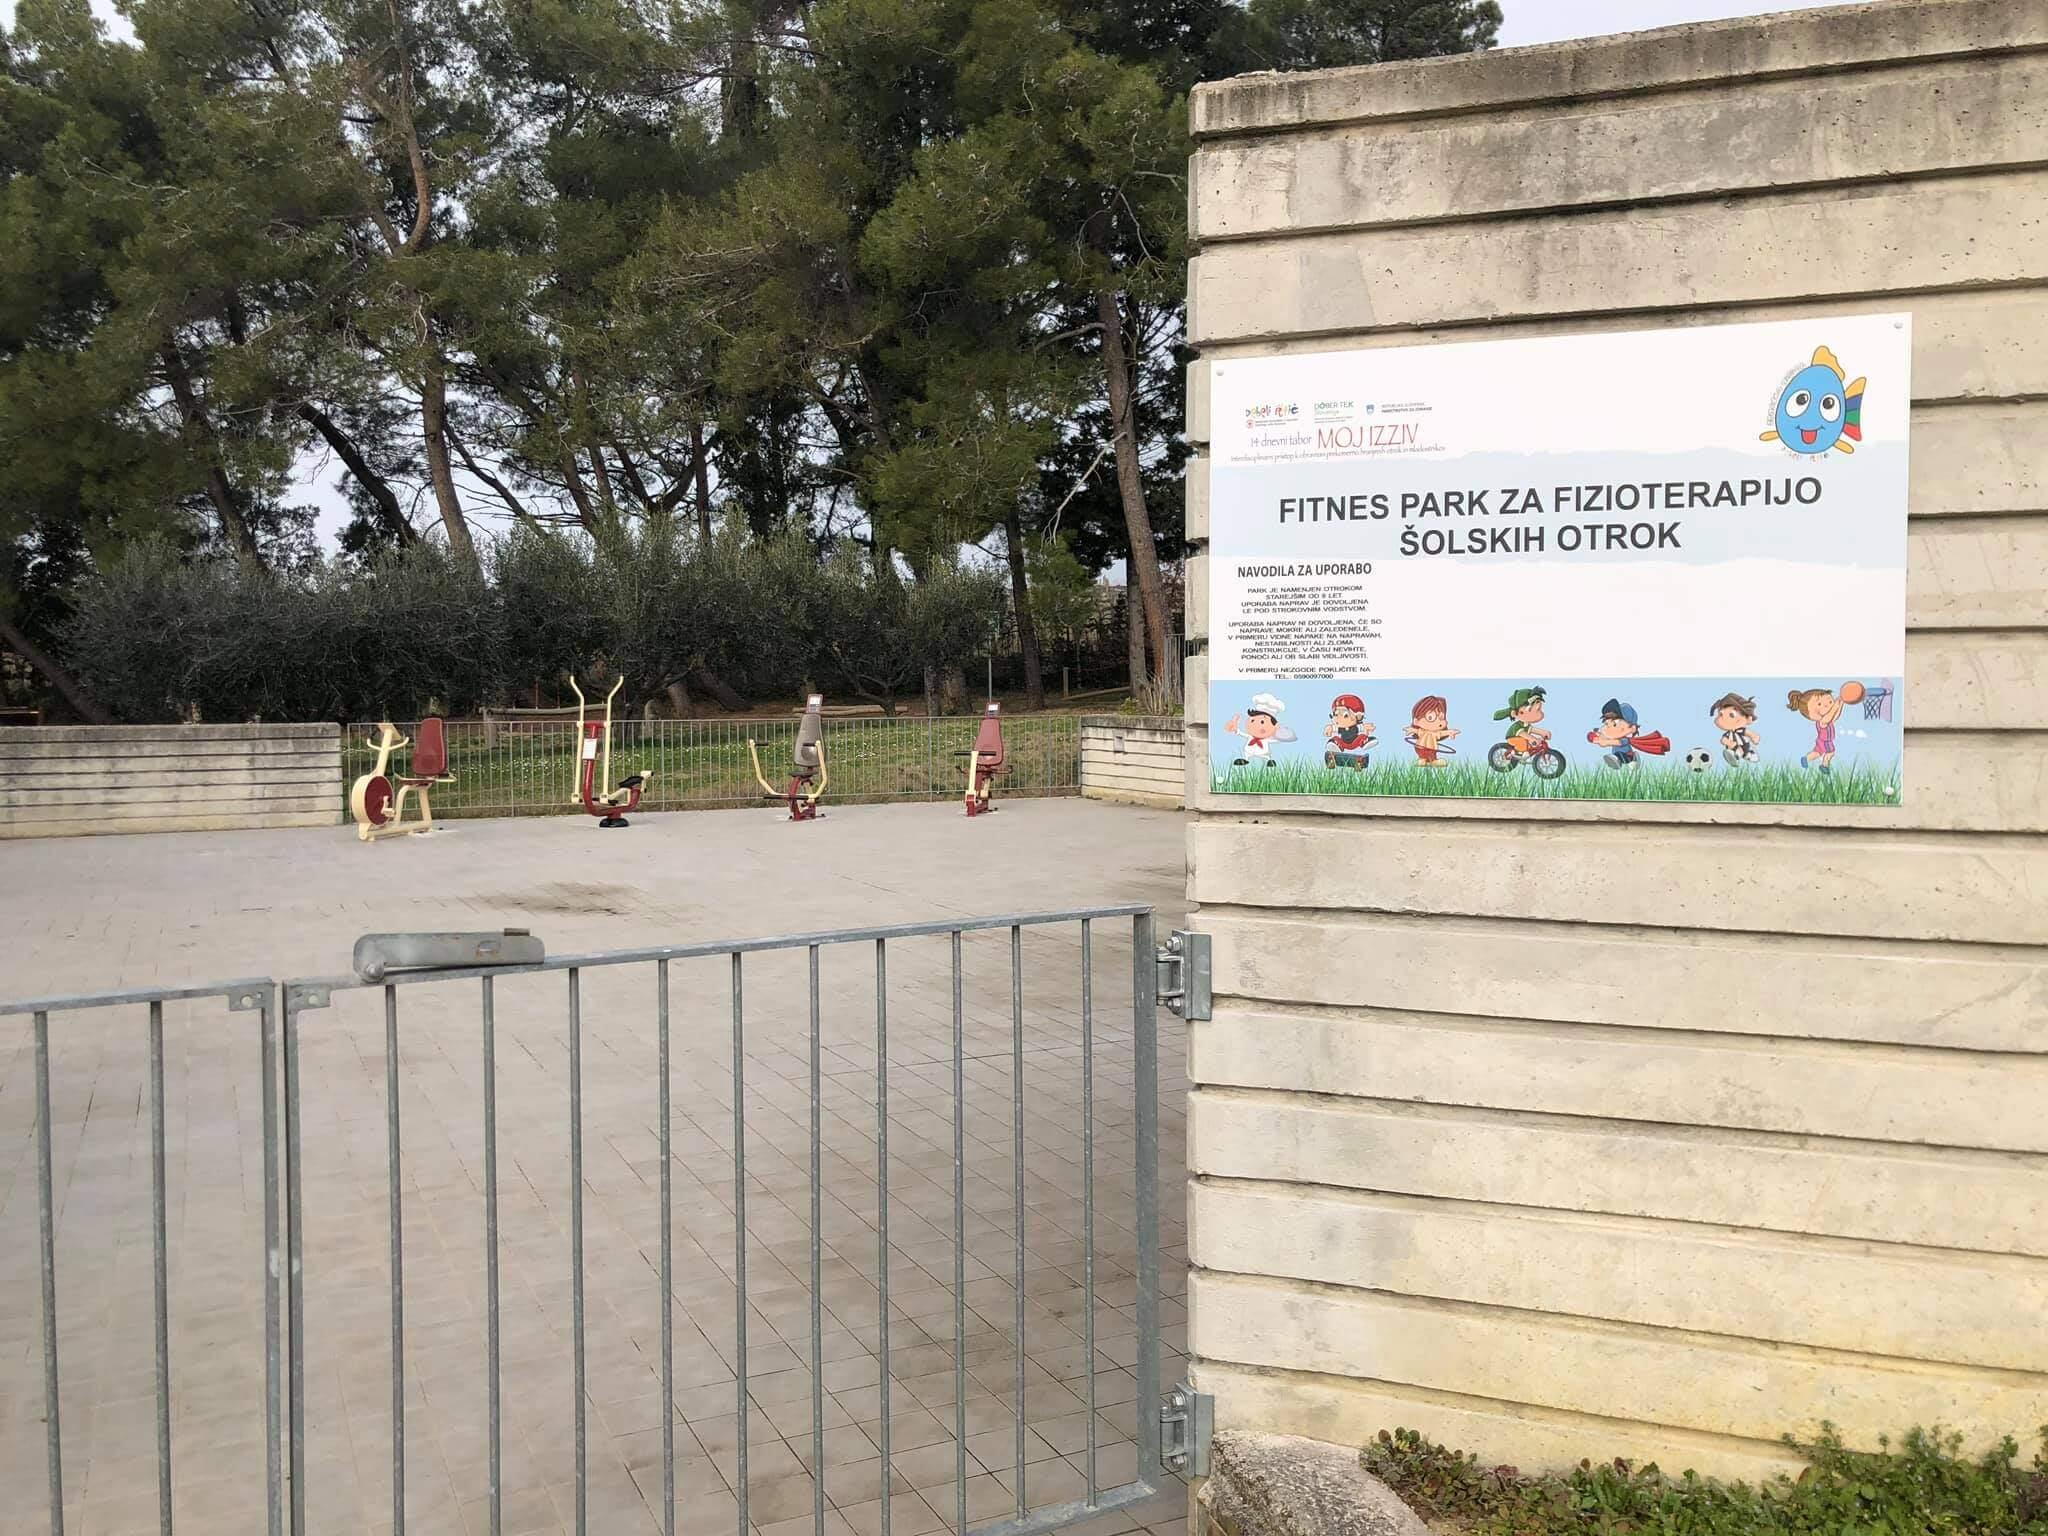 Fitnes park za fizioterapijo šolskih otrok – Debeli Rtič